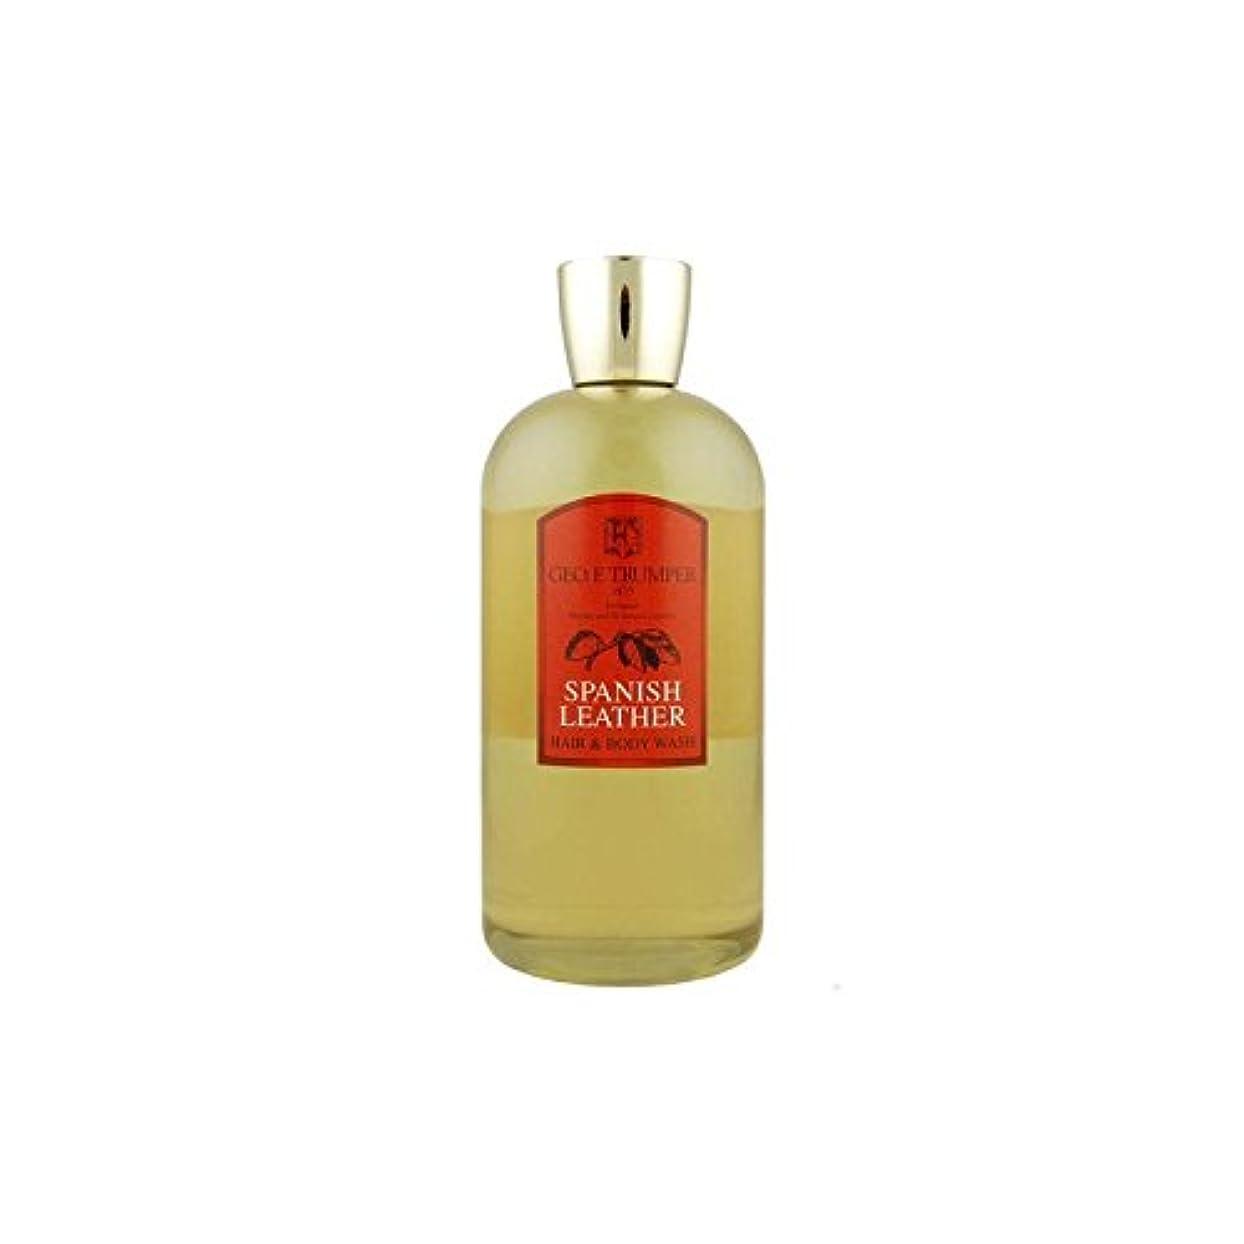 風景タンザニアマスタード革の髪とボディウォッシュスペイン語 - 500ボトル x2 - Trumpers Spanish Leather Hair and Body Wash - 500mlTravel Bottle (Pack of 2) [並行輸入品]